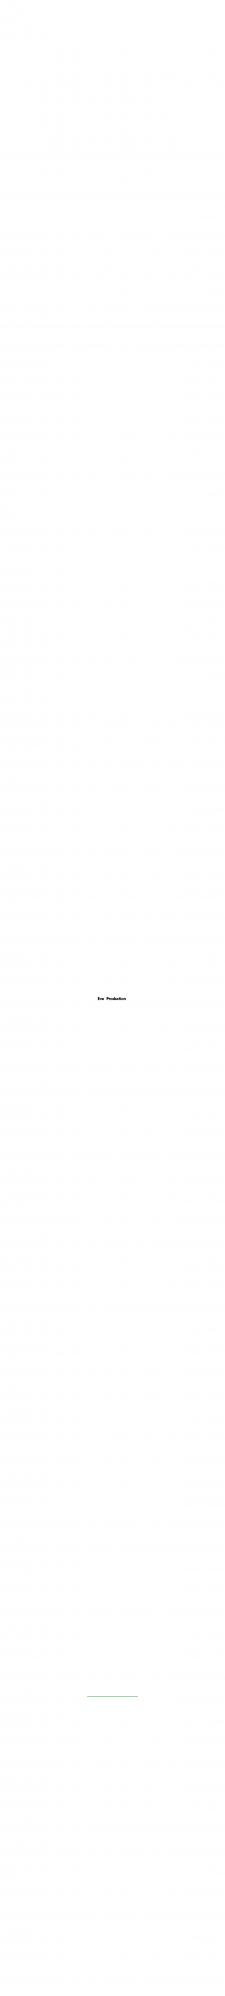 Доработка Landing Page по созданию видео